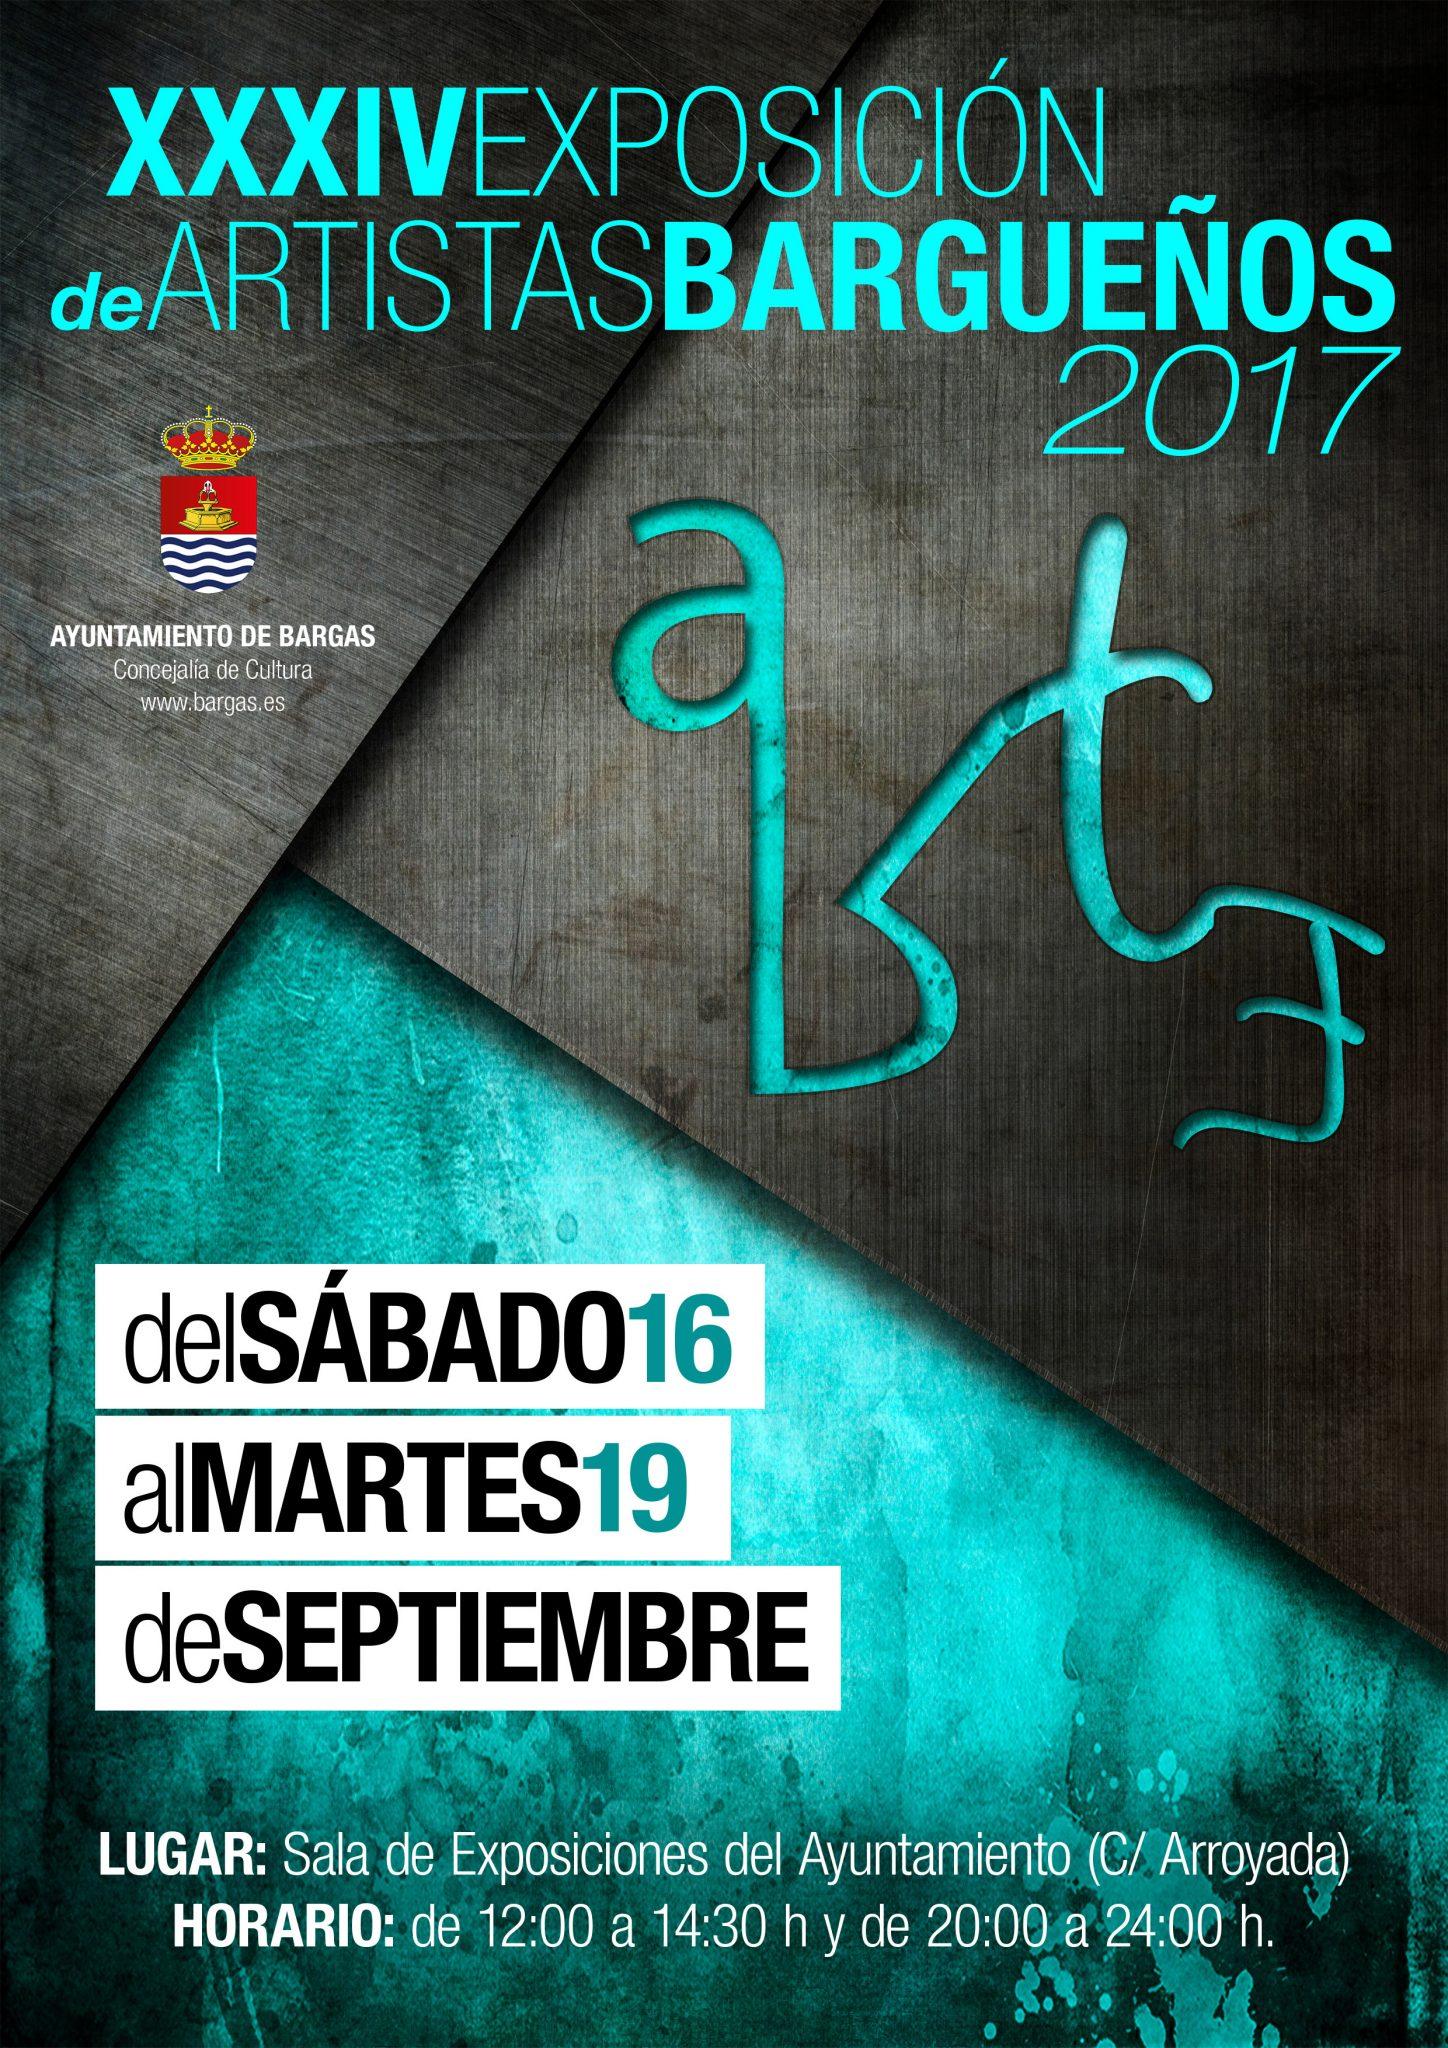 XXXIV Exposición de Artistas Bargueños